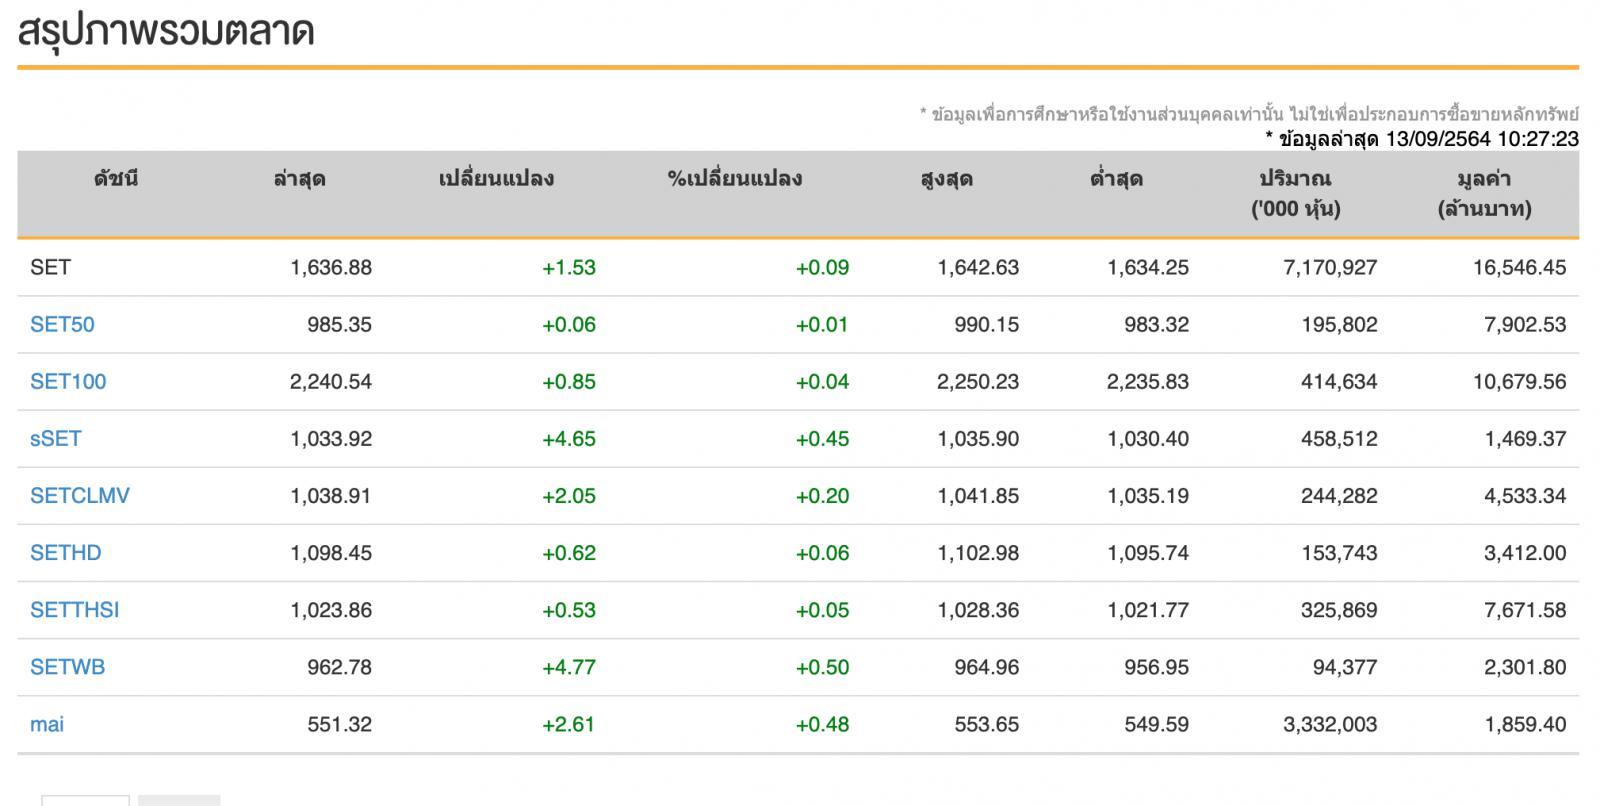 หุ้นไทย (13 ก.ย.64) ปิดการซื้อขายลดลง -1.59 จุด